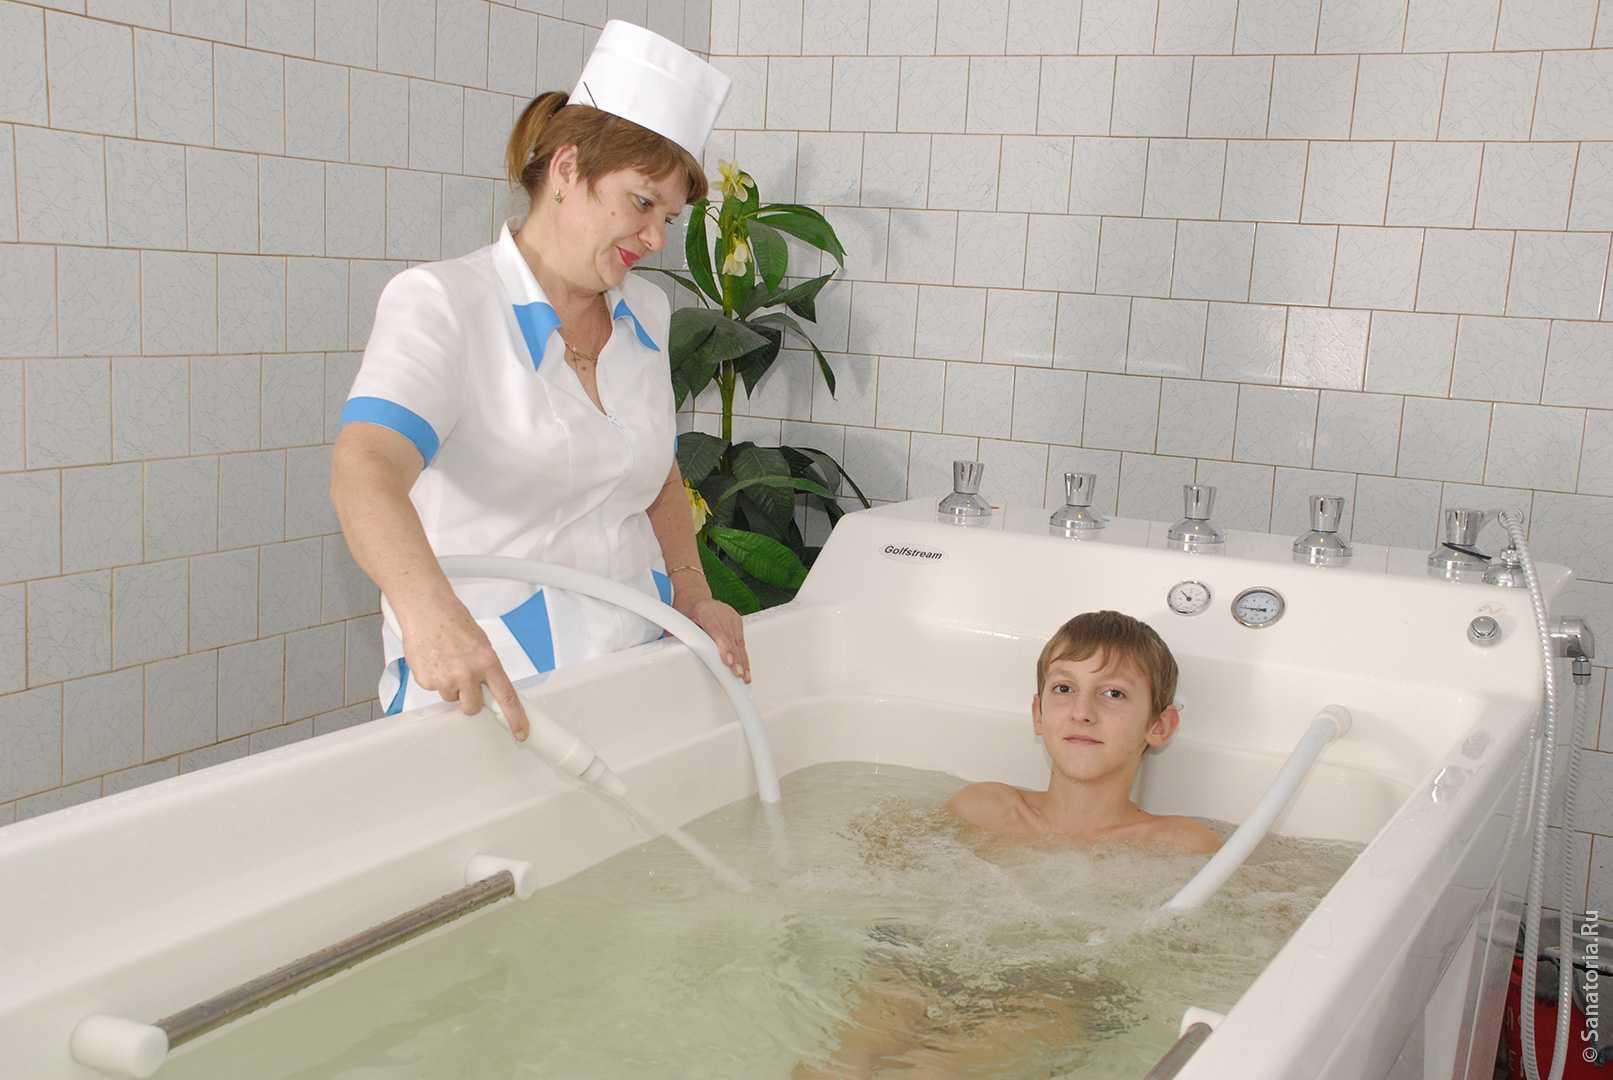 Санатории для детей с дцп: лечение детского церебрального паралича в евпатории, анапе и других санаториях